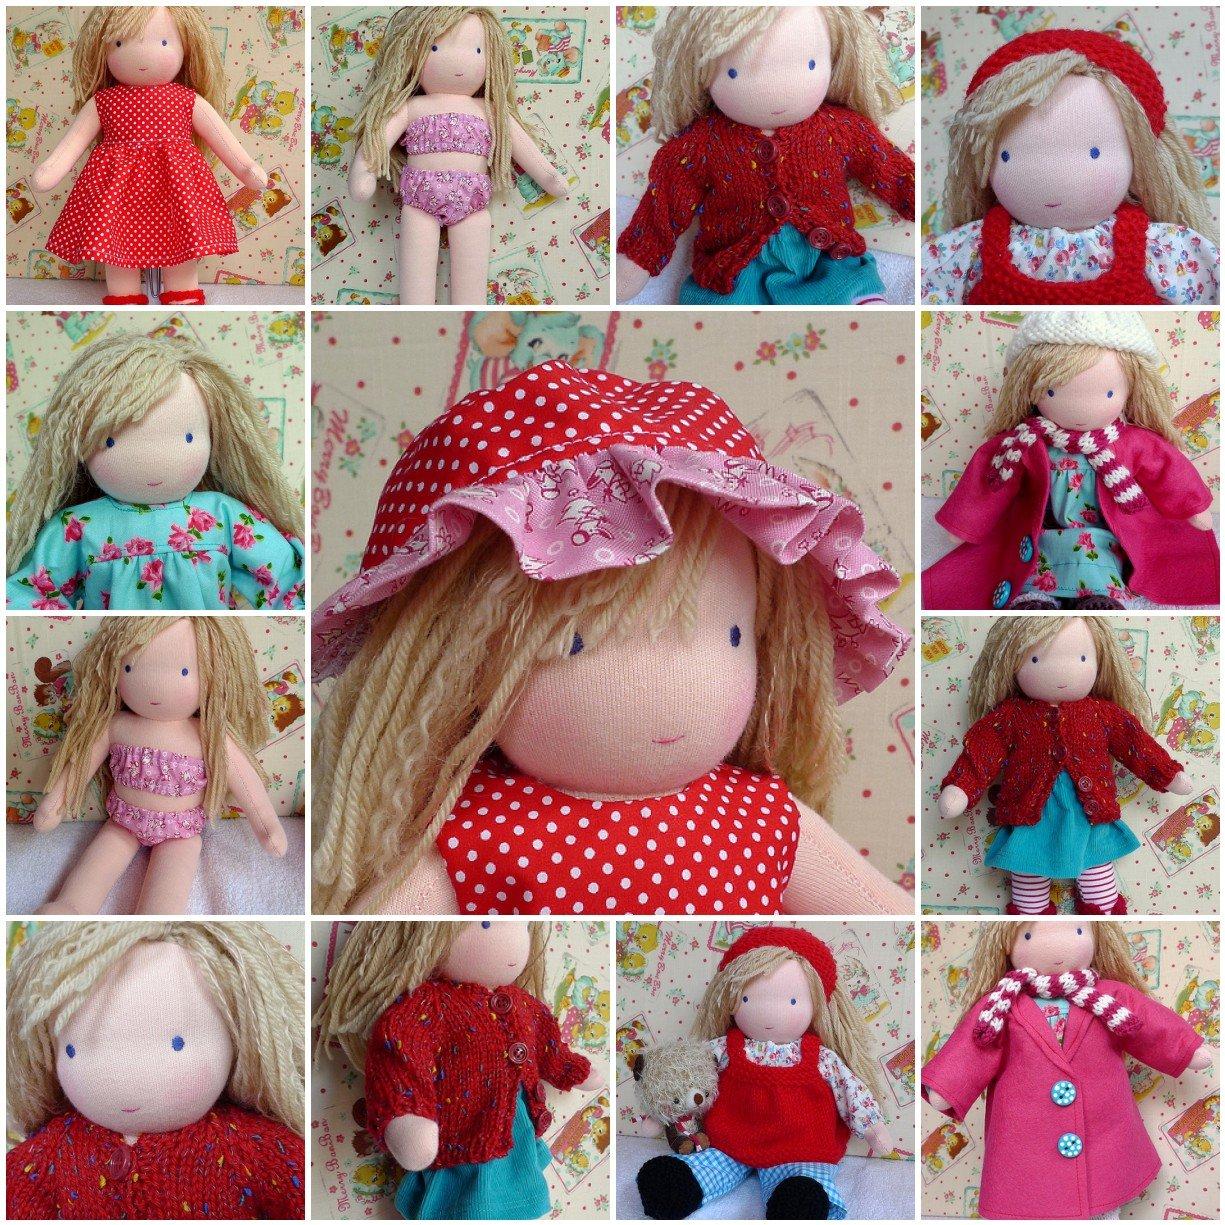 Caitlin's doll